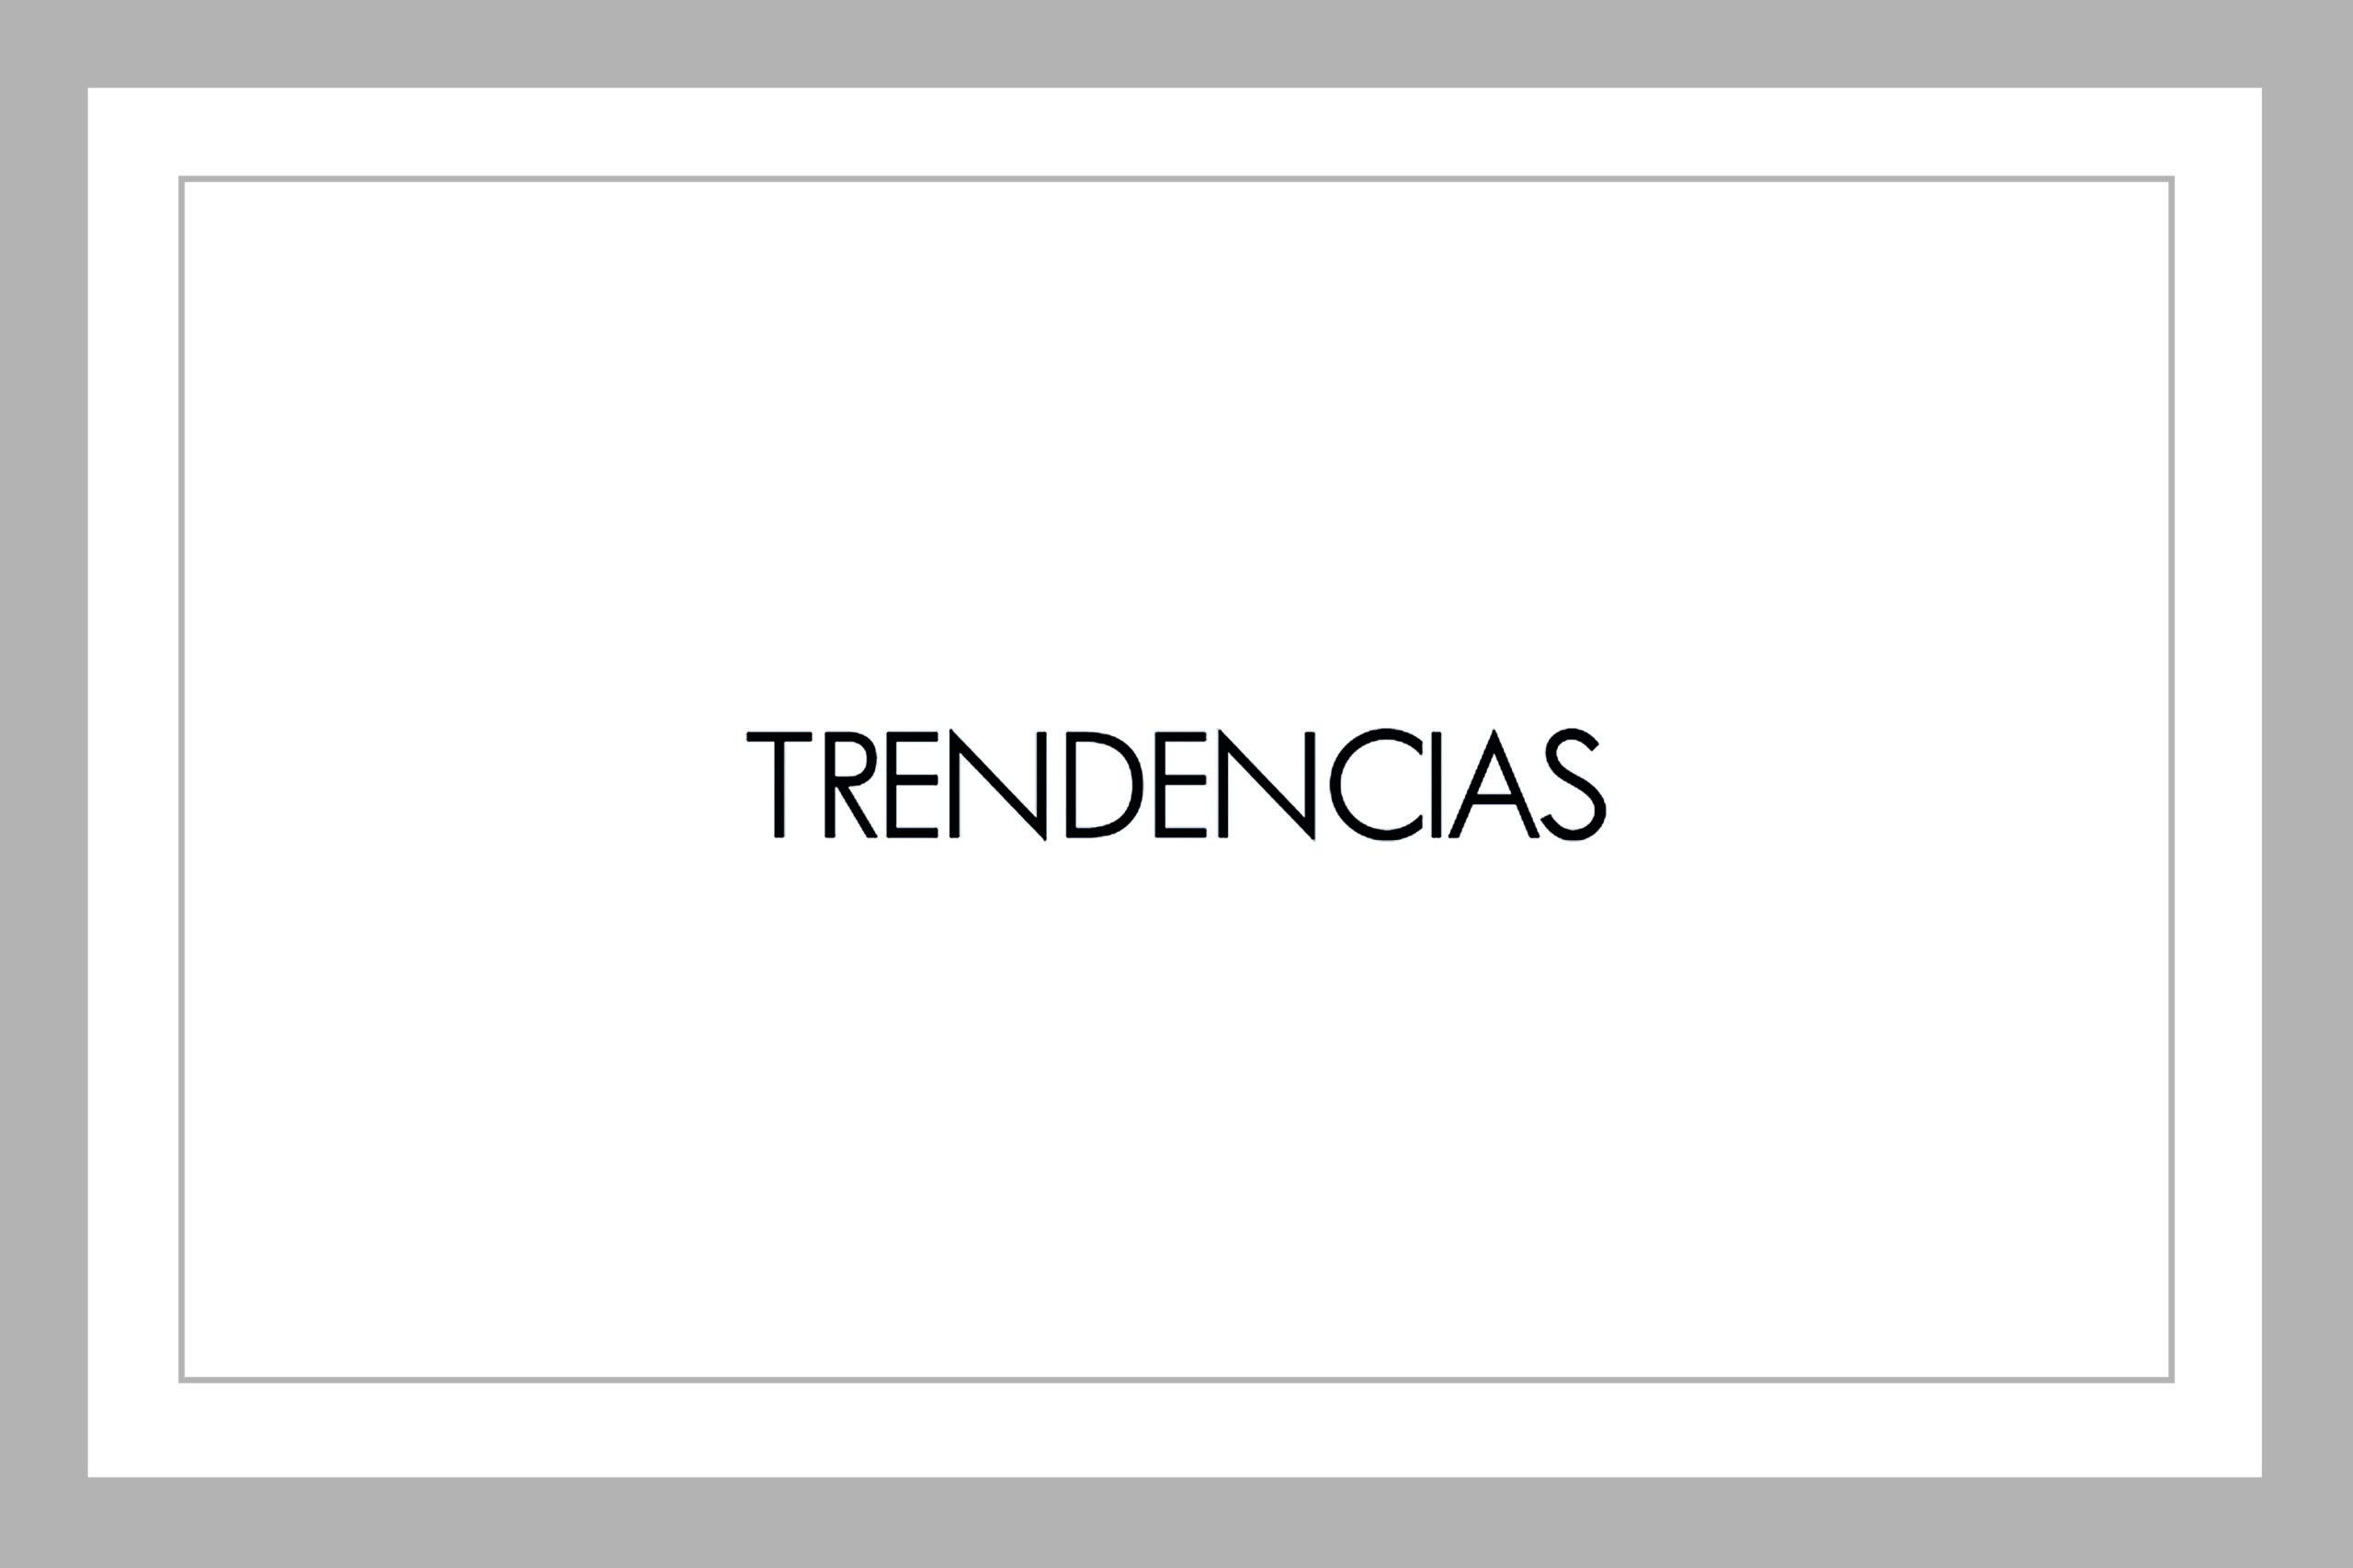 trendencias Hombre Félix Ramiro